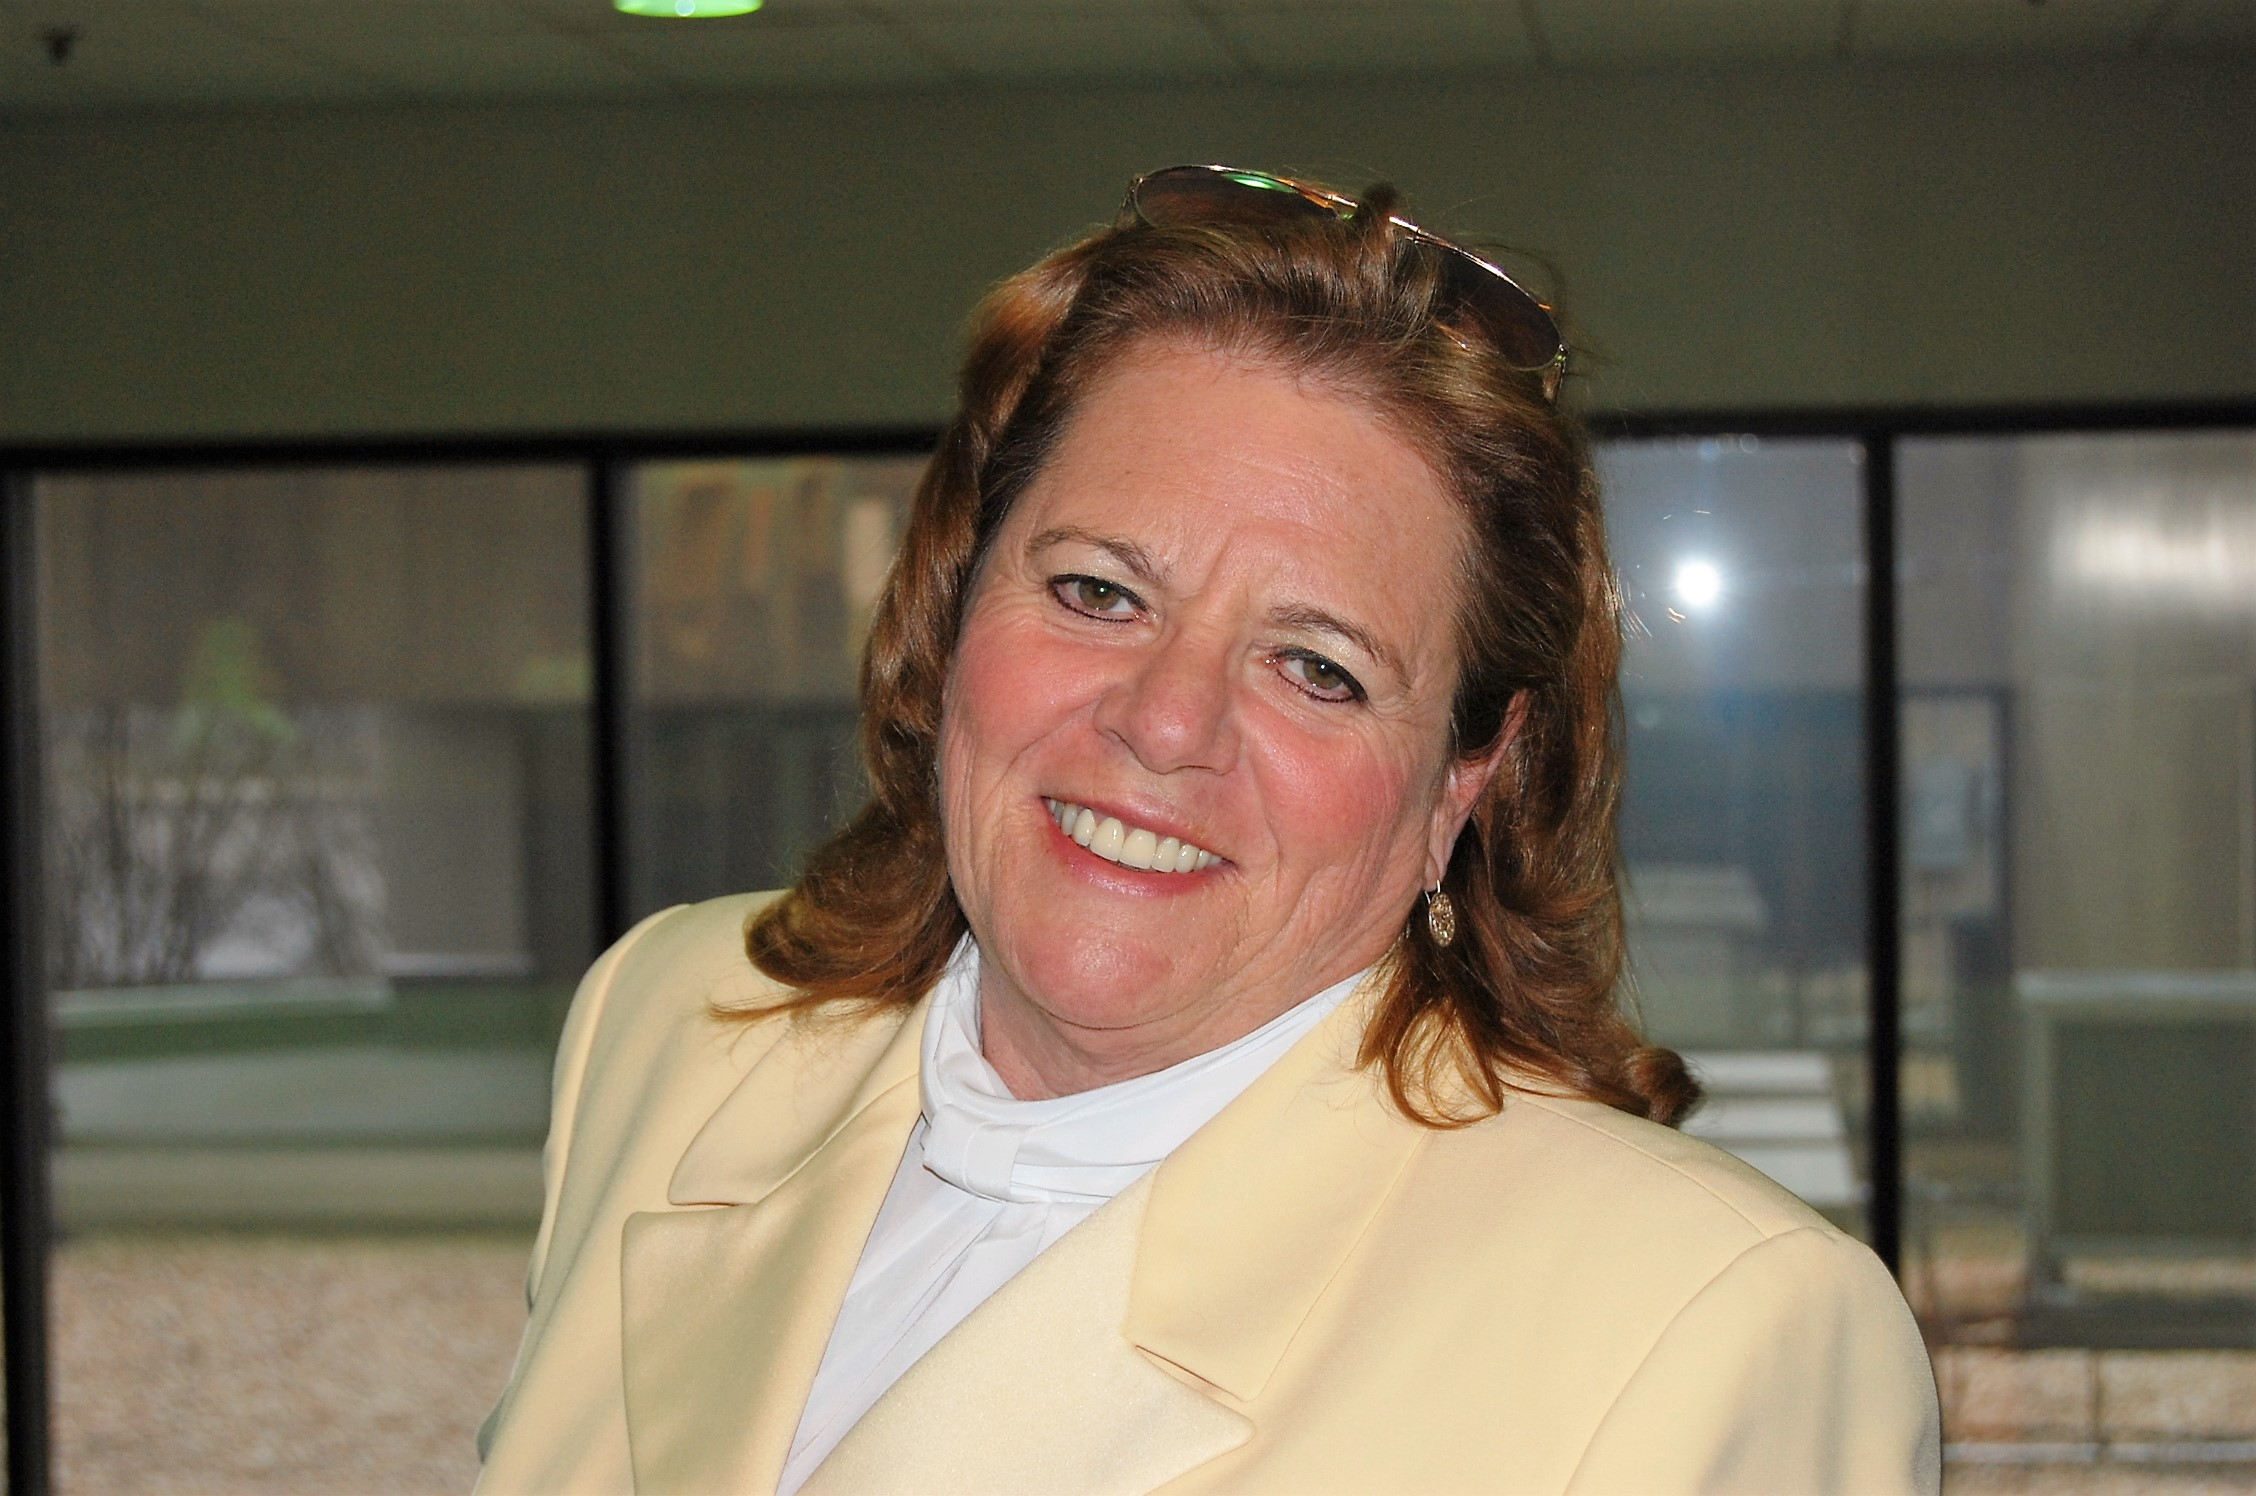 MS patient Janet Grieco believes vein-widening procedures helped her